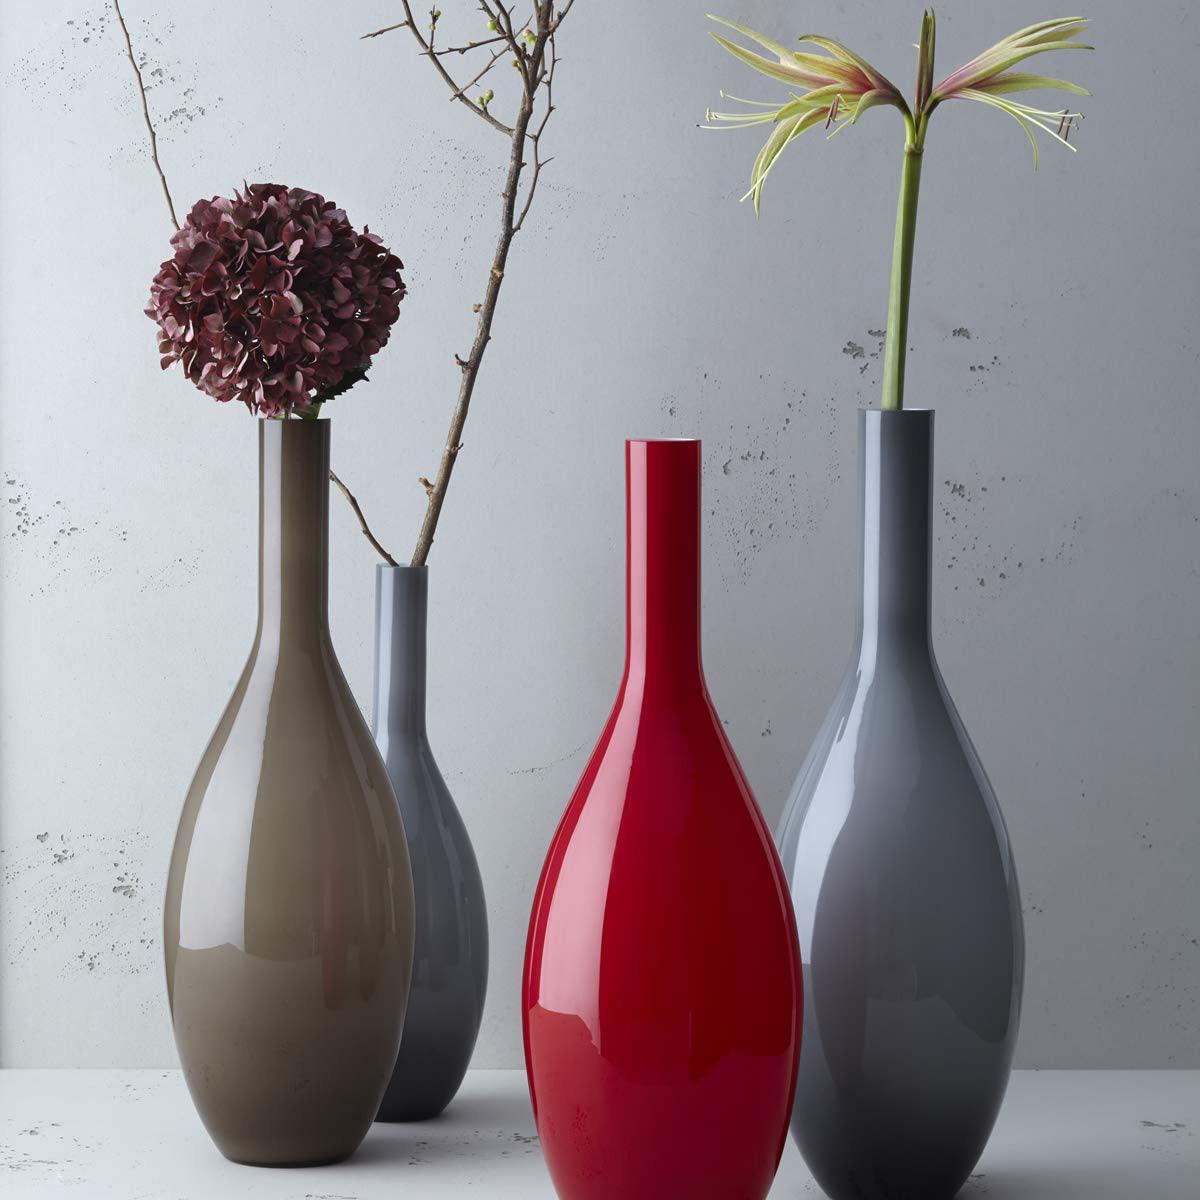 Vaza Beauty crvena 40654